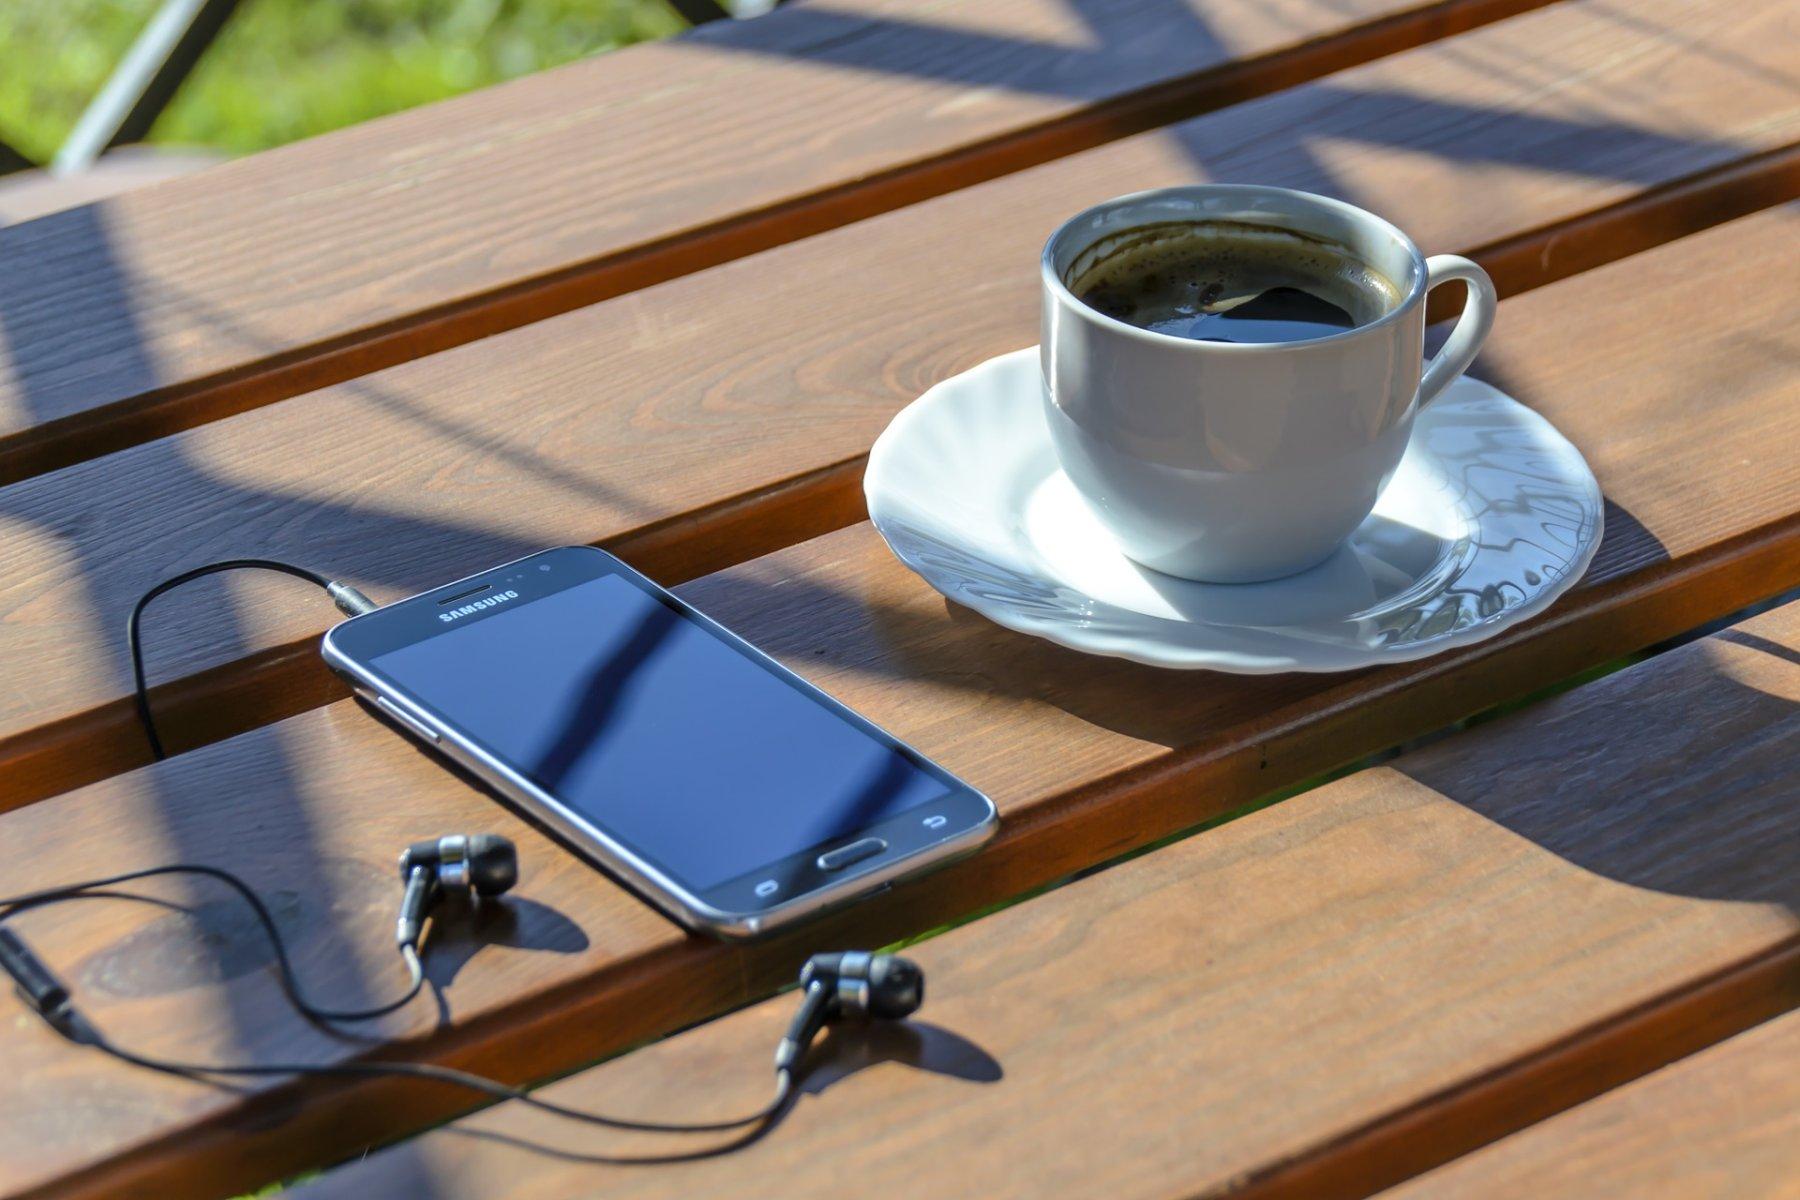 Kopfhörer und Kaffee